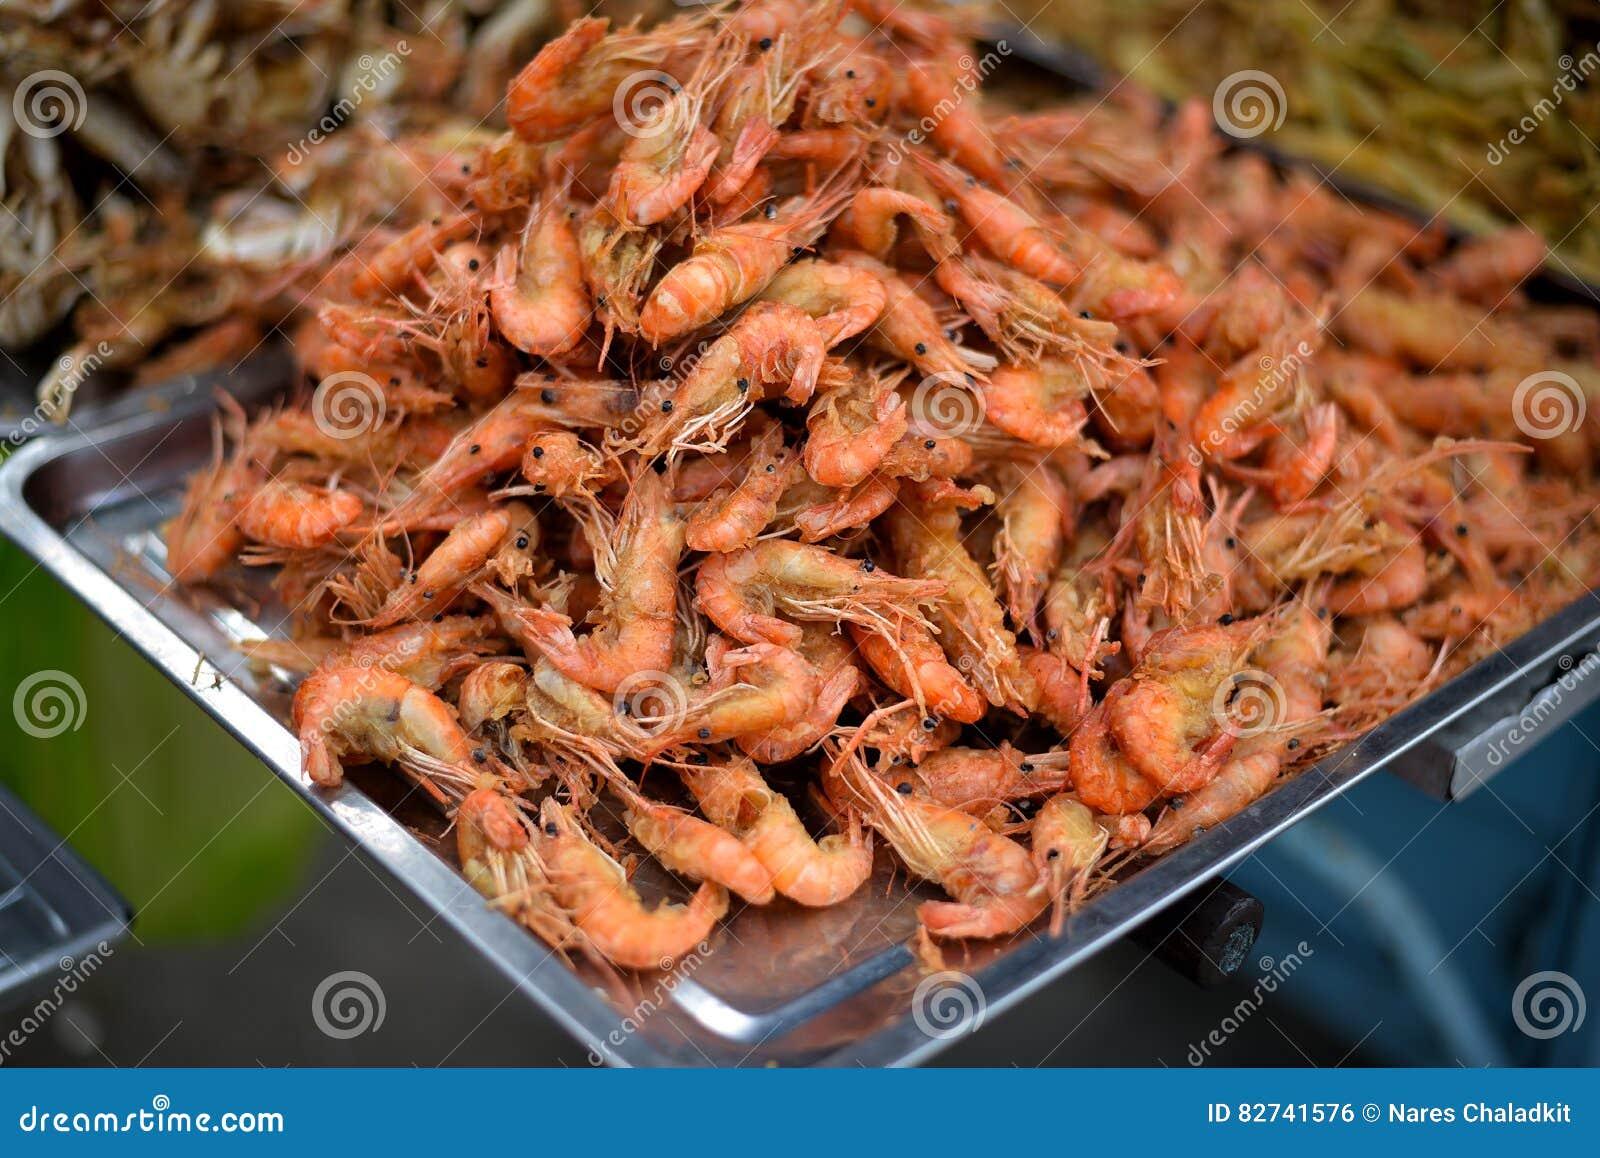 Fried Krill Knusperiges Shrimpa Thailandische Kuche Stockfoto